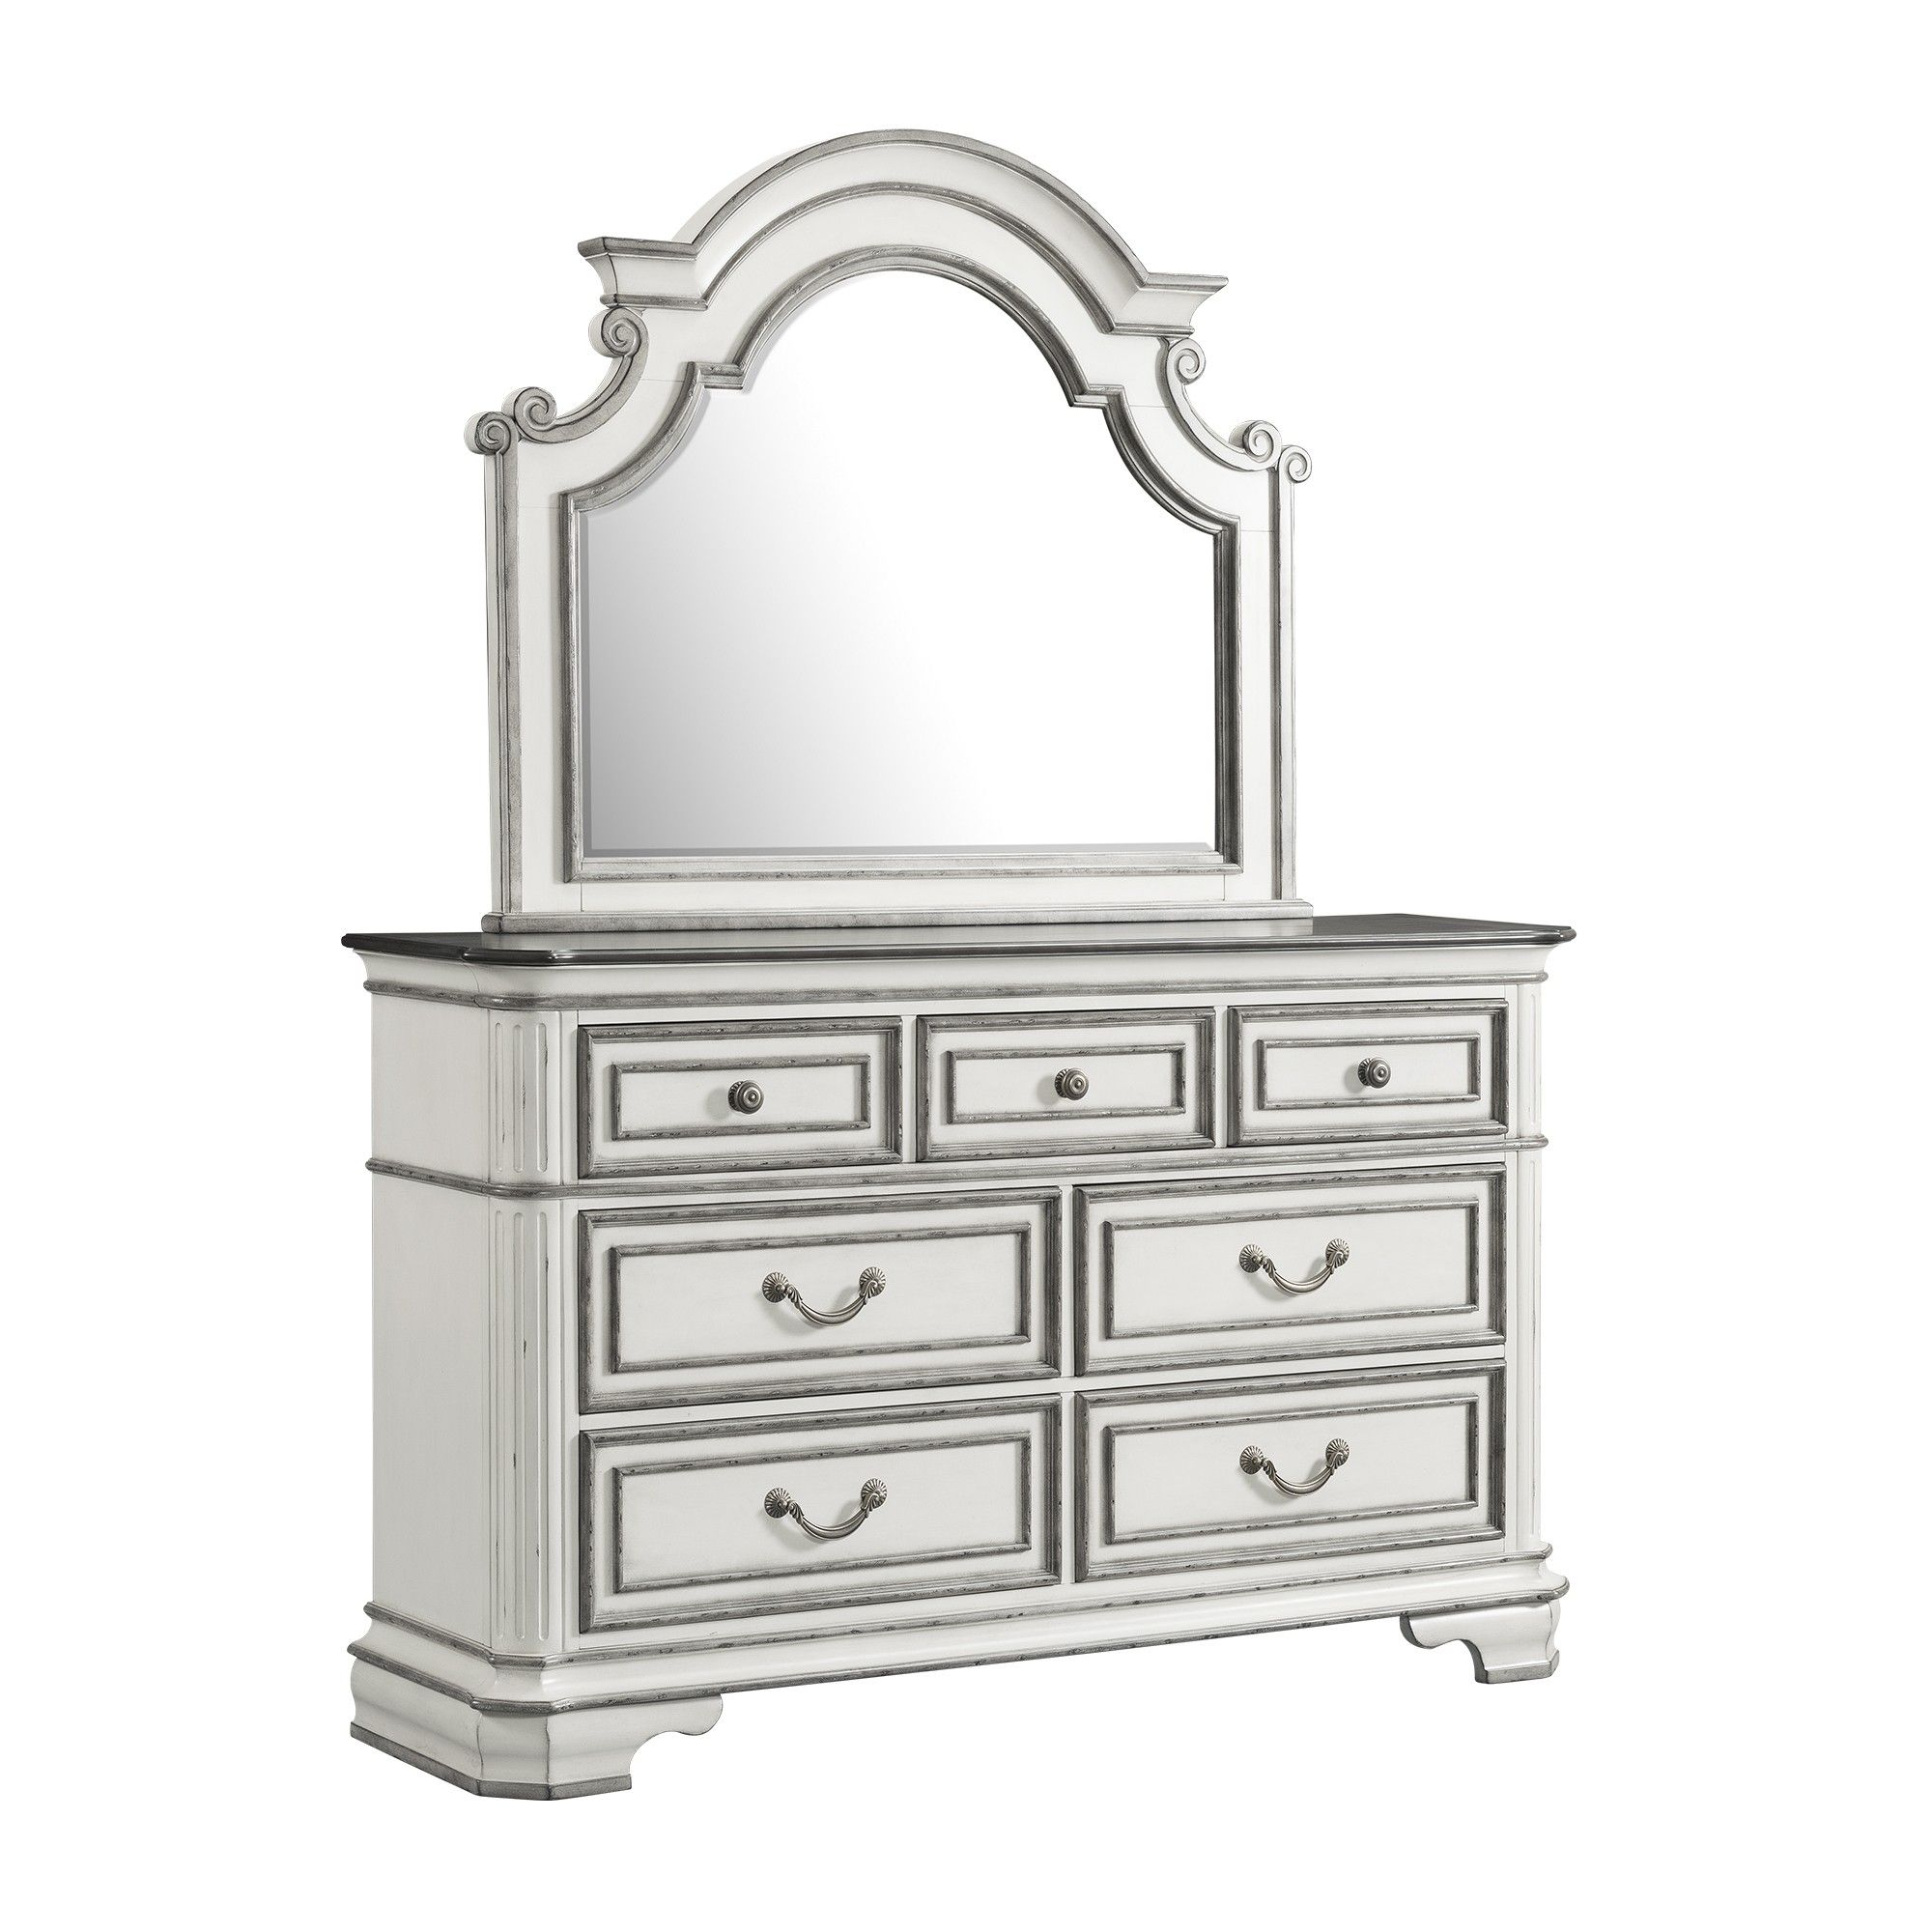 Caroline 7 Drawer Dresser with Mirror Set White Picket